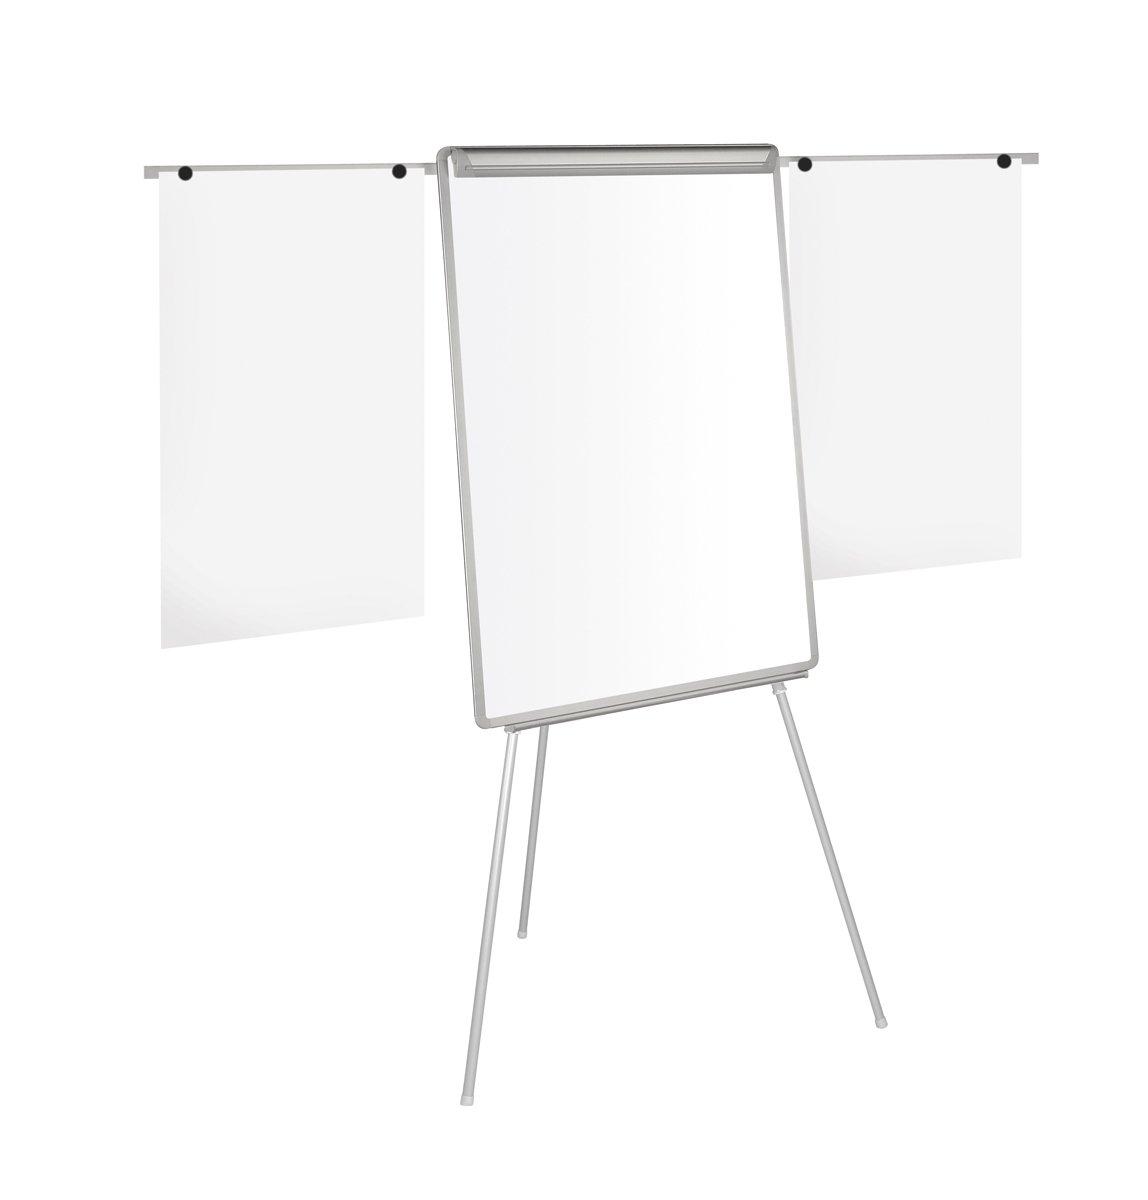 Bi-Office Lavagna Portablocco Magnetico Con Bracci Estensibili, Cavalletto Treppiedi Easy, Cornice in Grigio, Dimensioni Panello Euro - 700 x 1000 mm Bi-Silque EA2306046